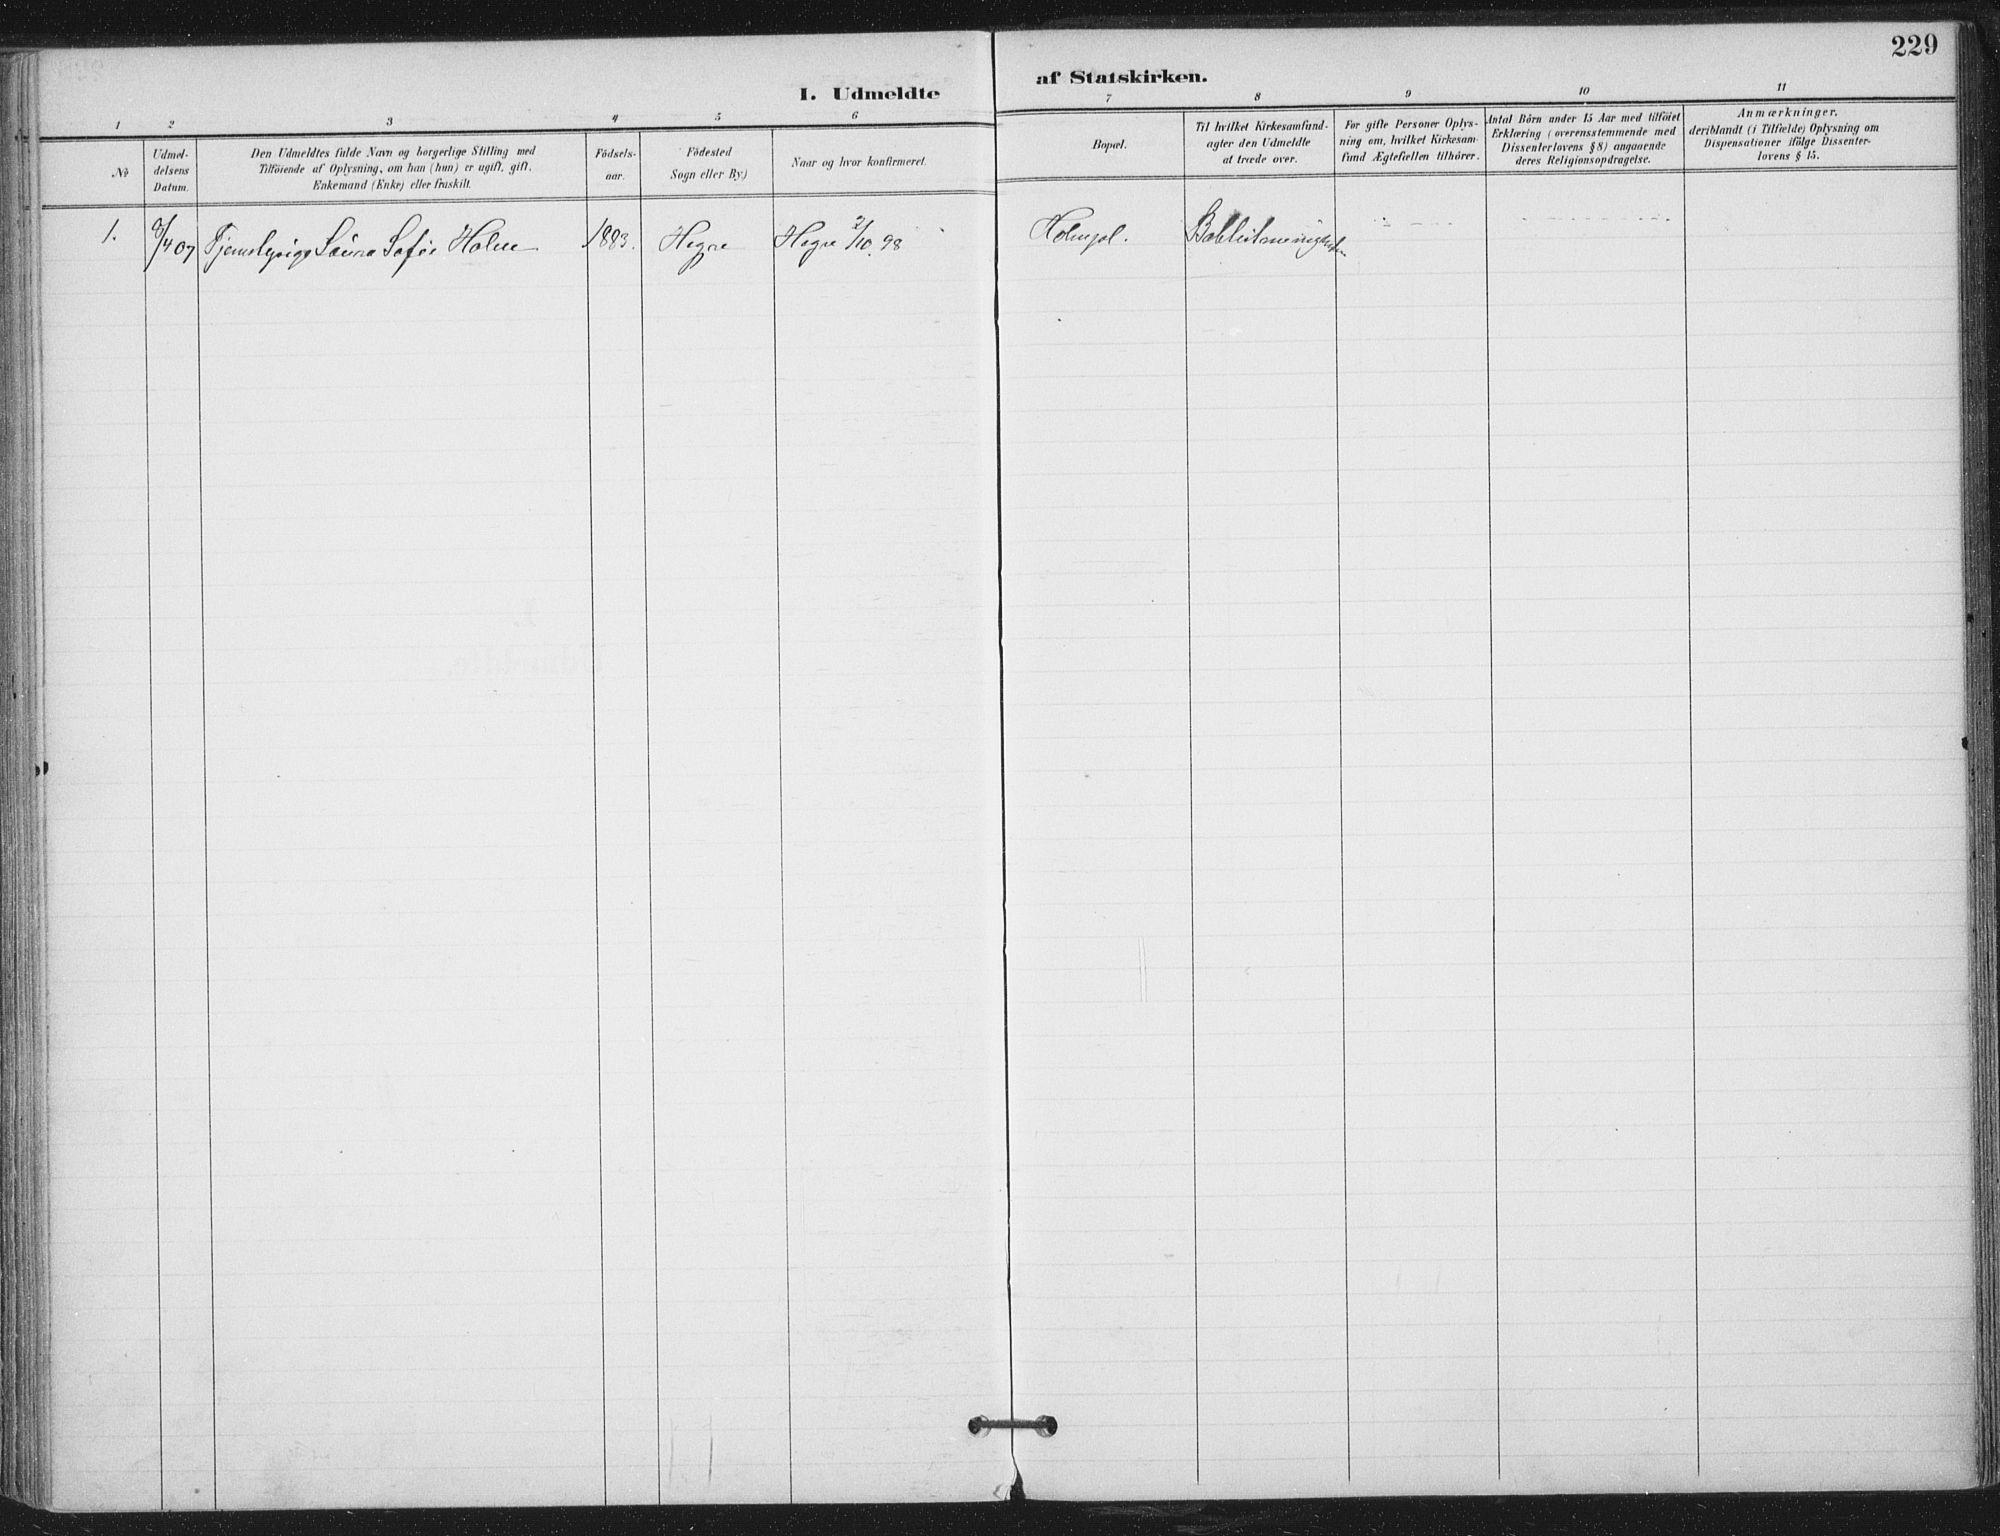 SAT, Ministerialprotokoller, klokkerbøker og fødselsregistre - Nord-Trøndelag, 703/L0031: Ministerialbok nr. 703A04, 1893-1914, s. 229